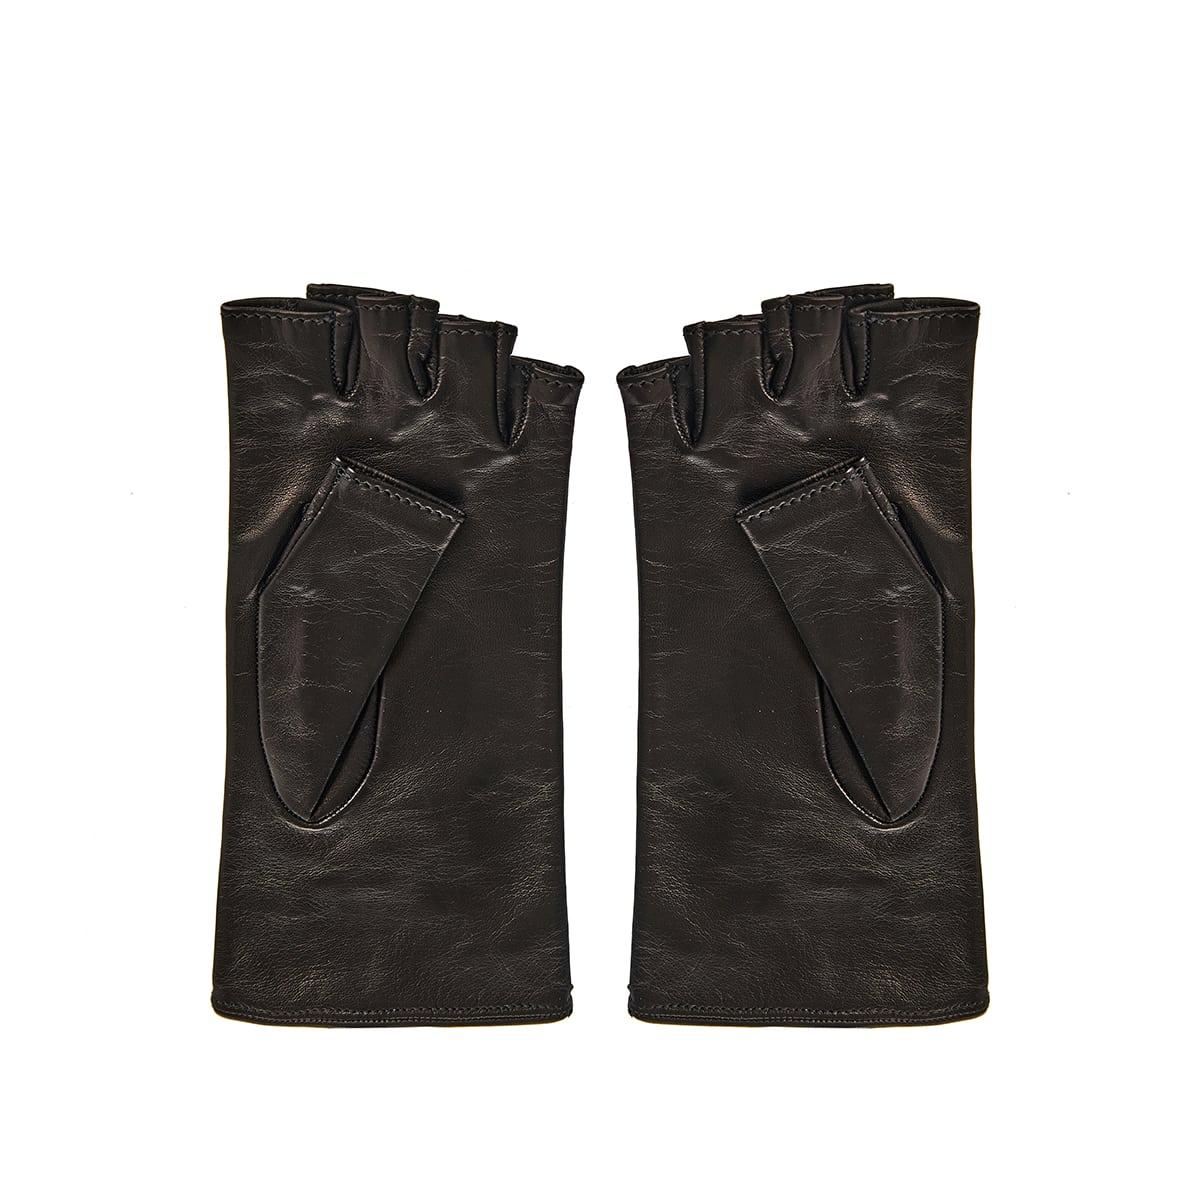 DG fingerless leather gloves